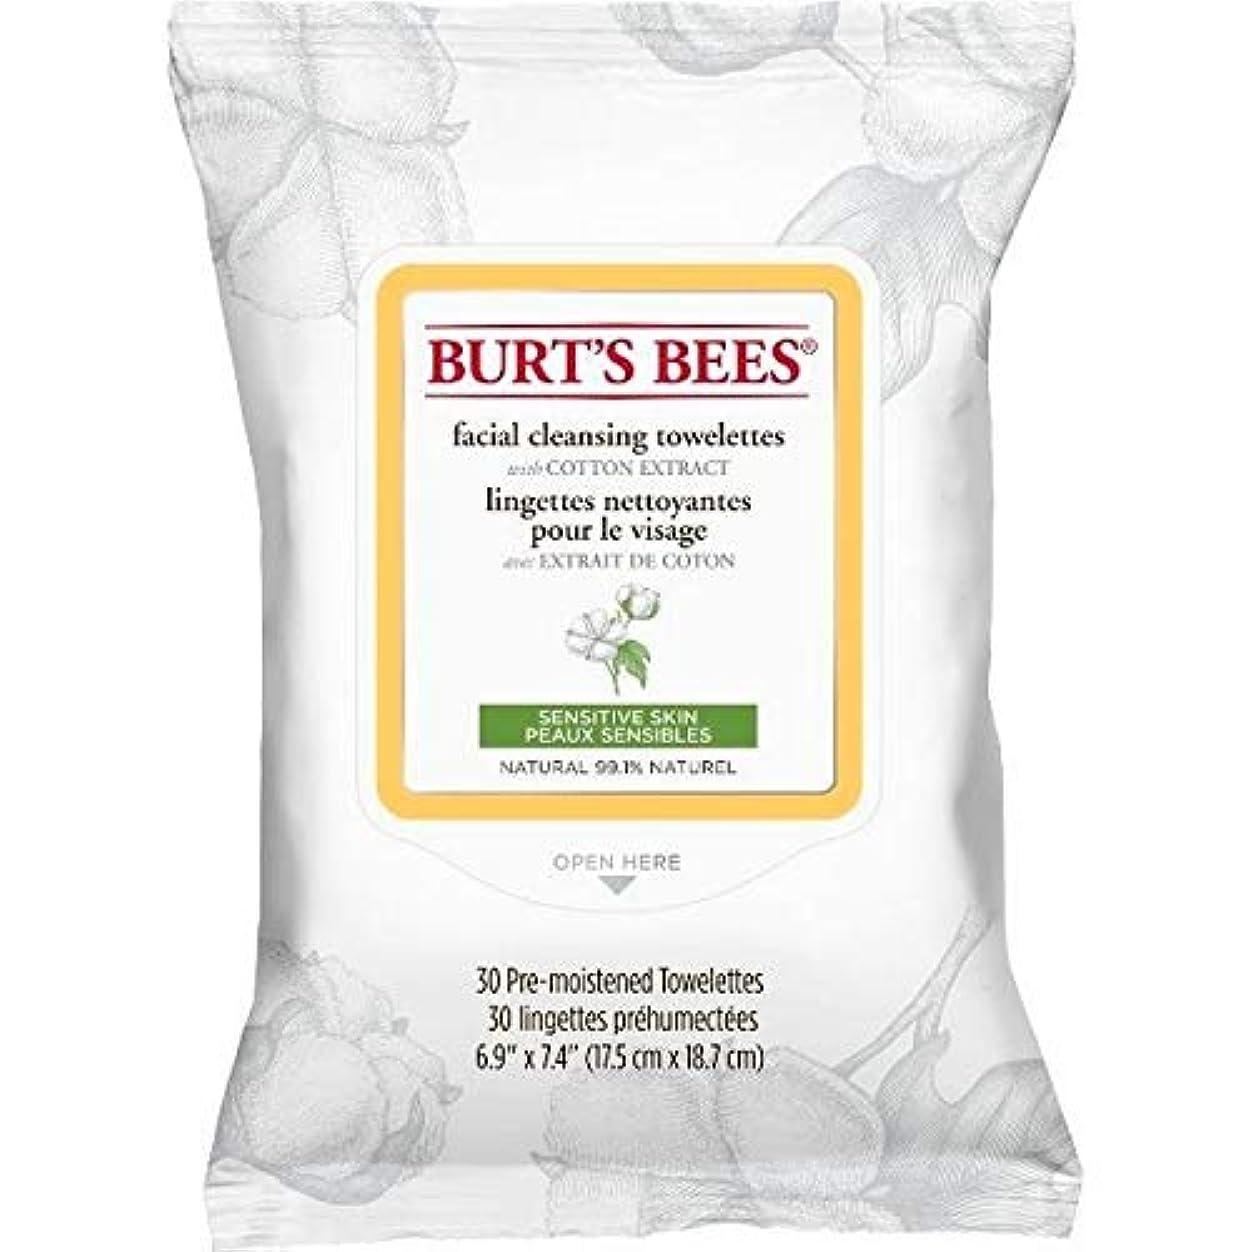 ブリリアント伝導の[Burt's Bees ] バーツビー敏感な顔の浄化用ペーパータオルエキスX30 - Burt's Bees Sensitive Facial Cleanse Towelettes Extract x30 [並行輸入品]